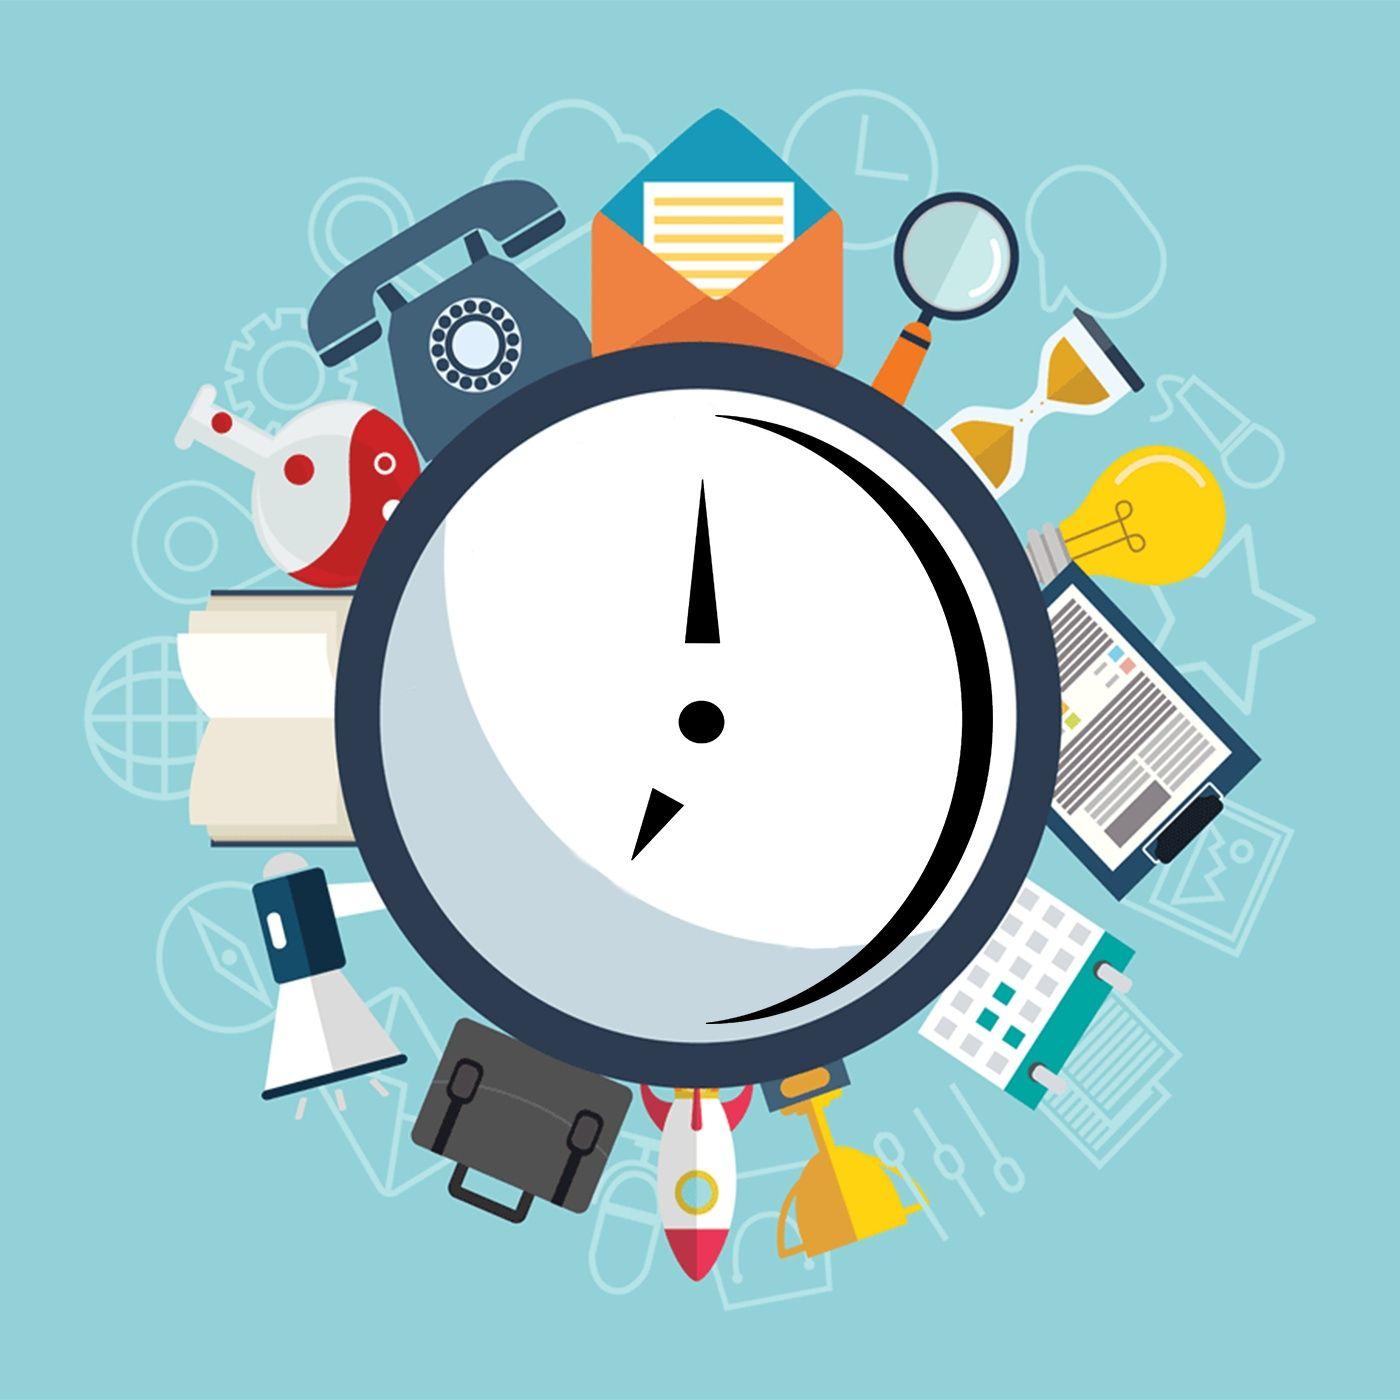 Come organizzo il mio Tempo: Flessibilità e Pianificazione